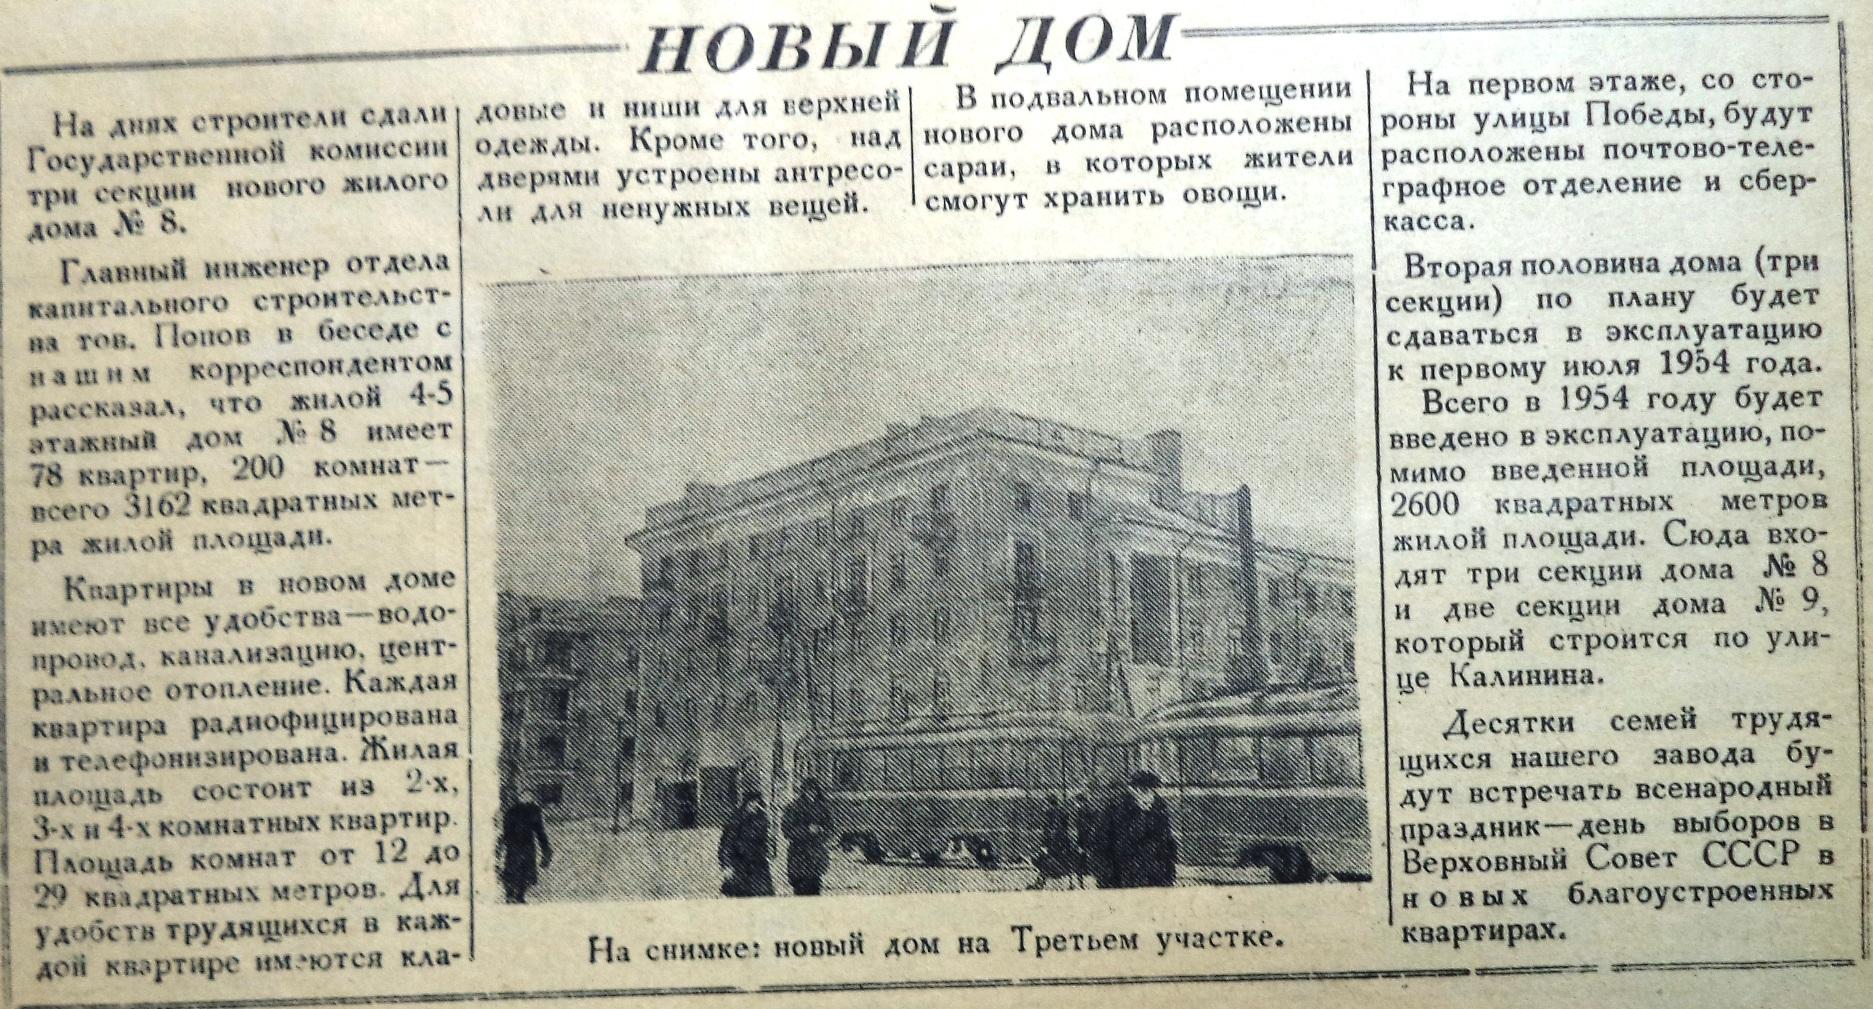 Za_stalinskiy_plan-1954-15_yanvarya-Y